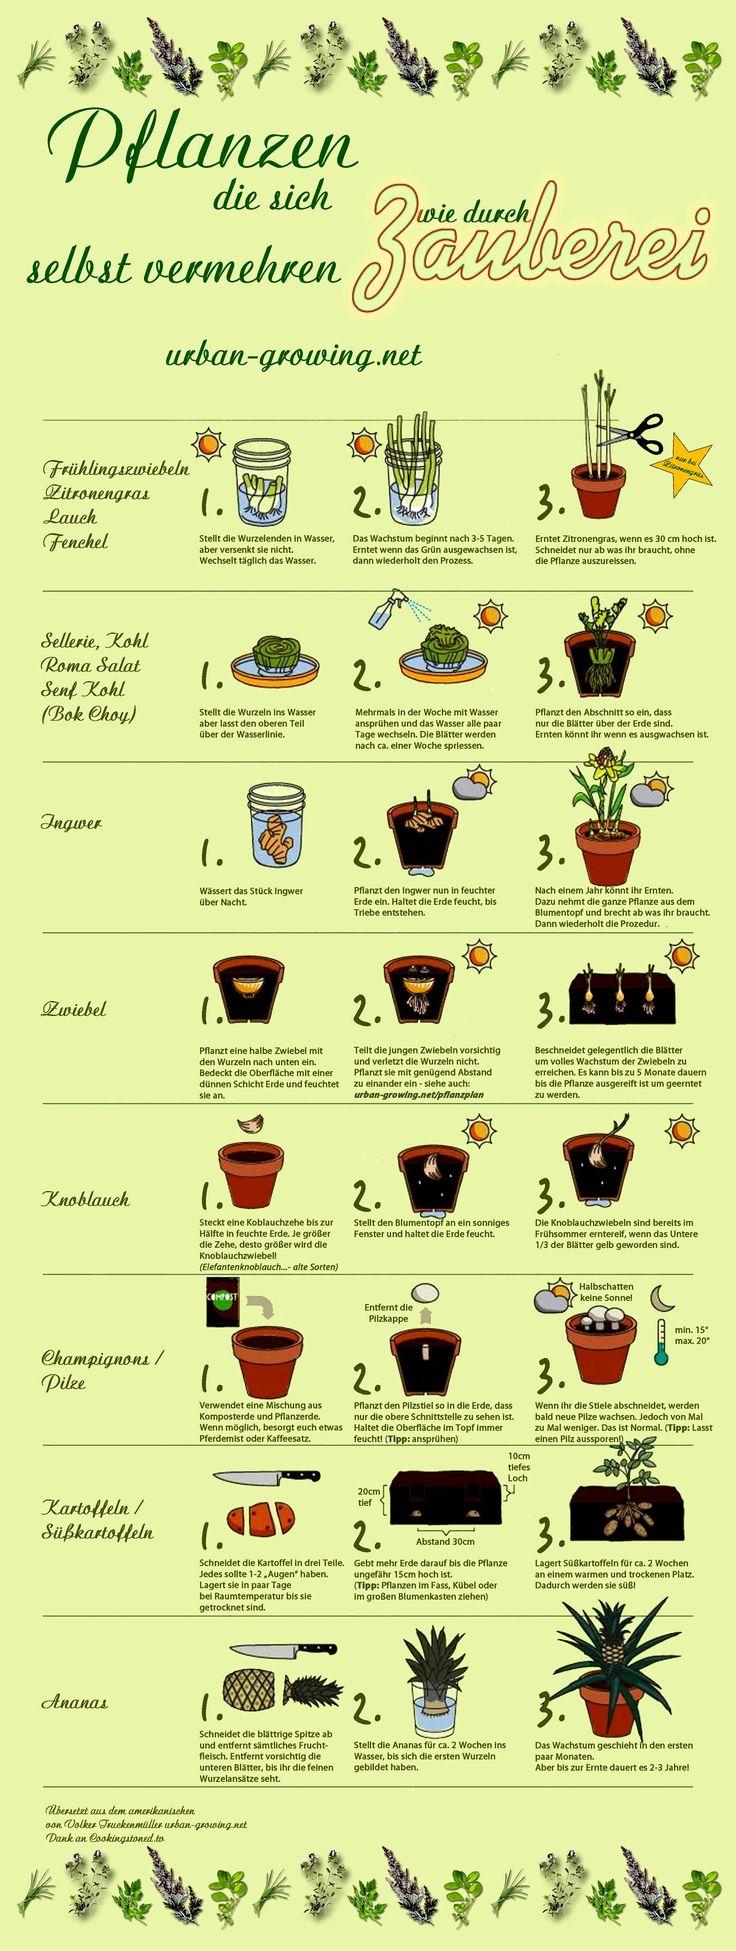 Pflanzenvermehrung wie durch Zauberei - gärtnern mit Kindern - www.urban-growing.net